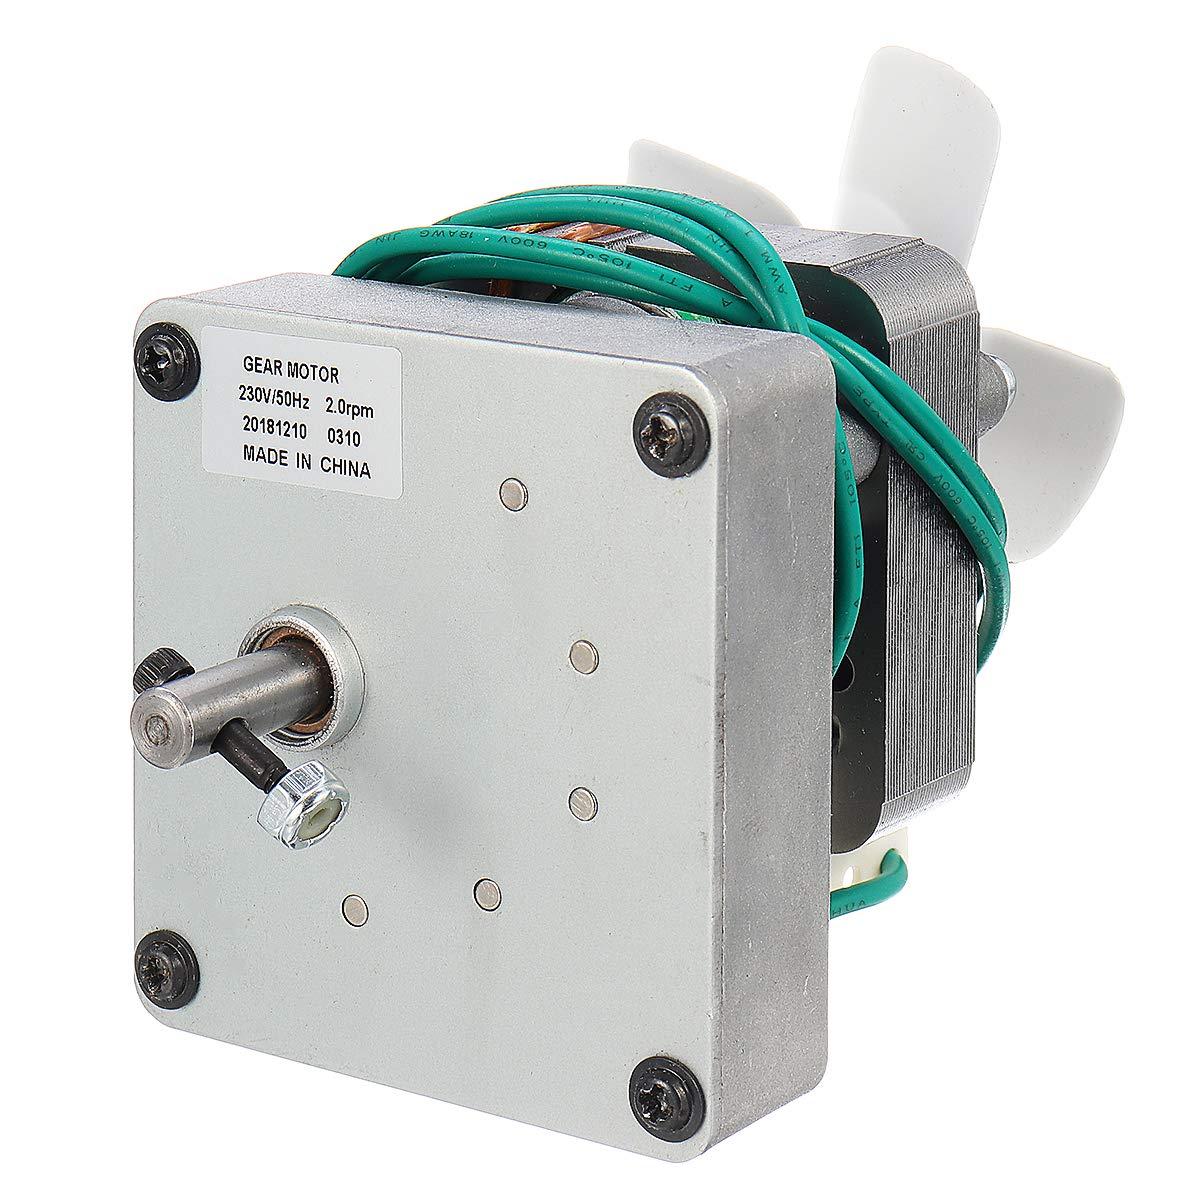 # 001 Forspero 50Hz 1.5//2.0 Rpm Motor De Barrena De Repuesto Para Pit Boss Parrilla De Fumador De Pellets De Madera El/éctrica